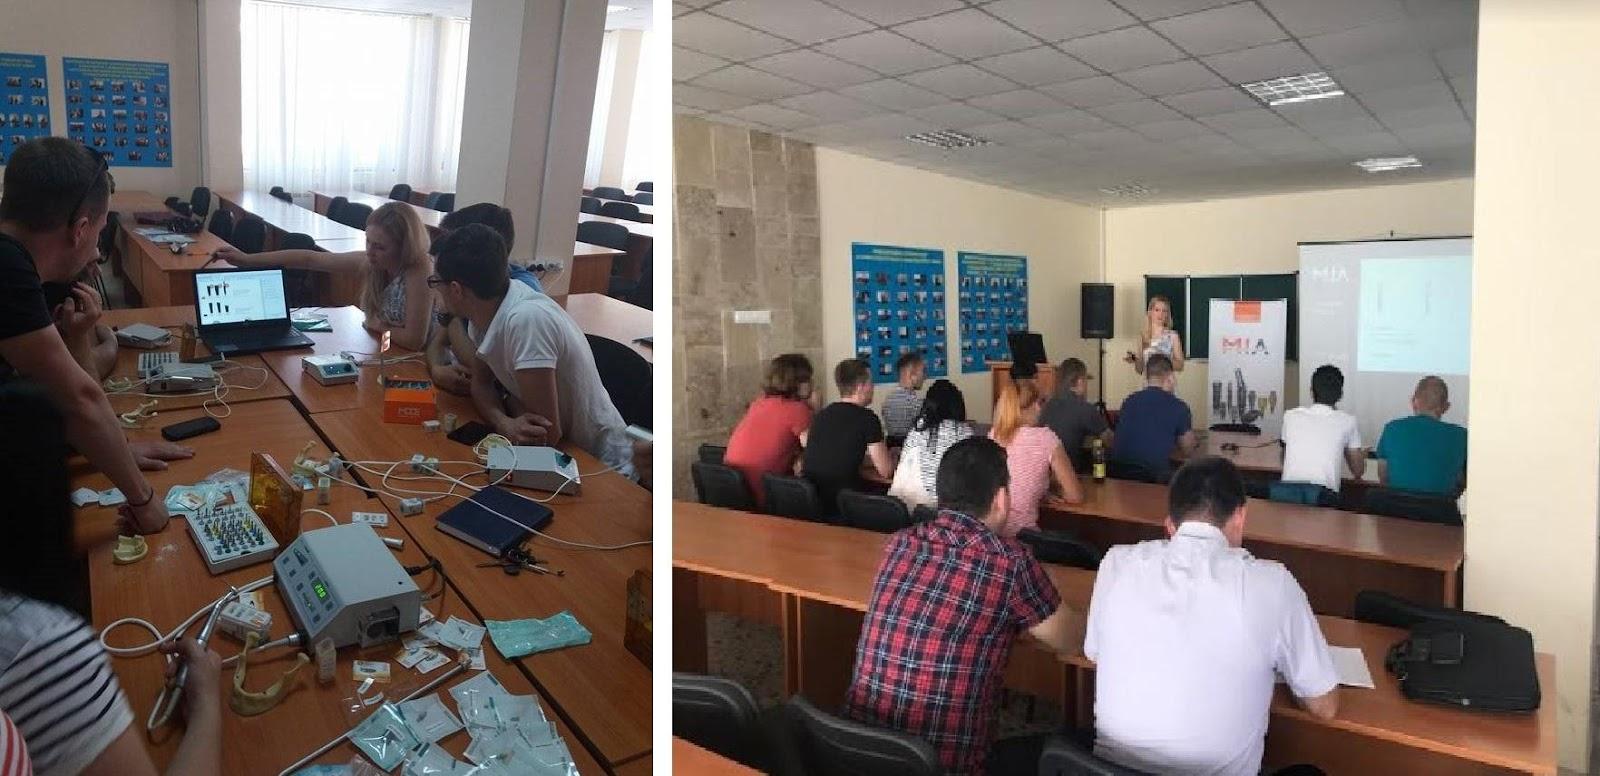 https://www.uzhnu.edu.ua/uploads/root/kafedru/centr_PO/trening4.jpg